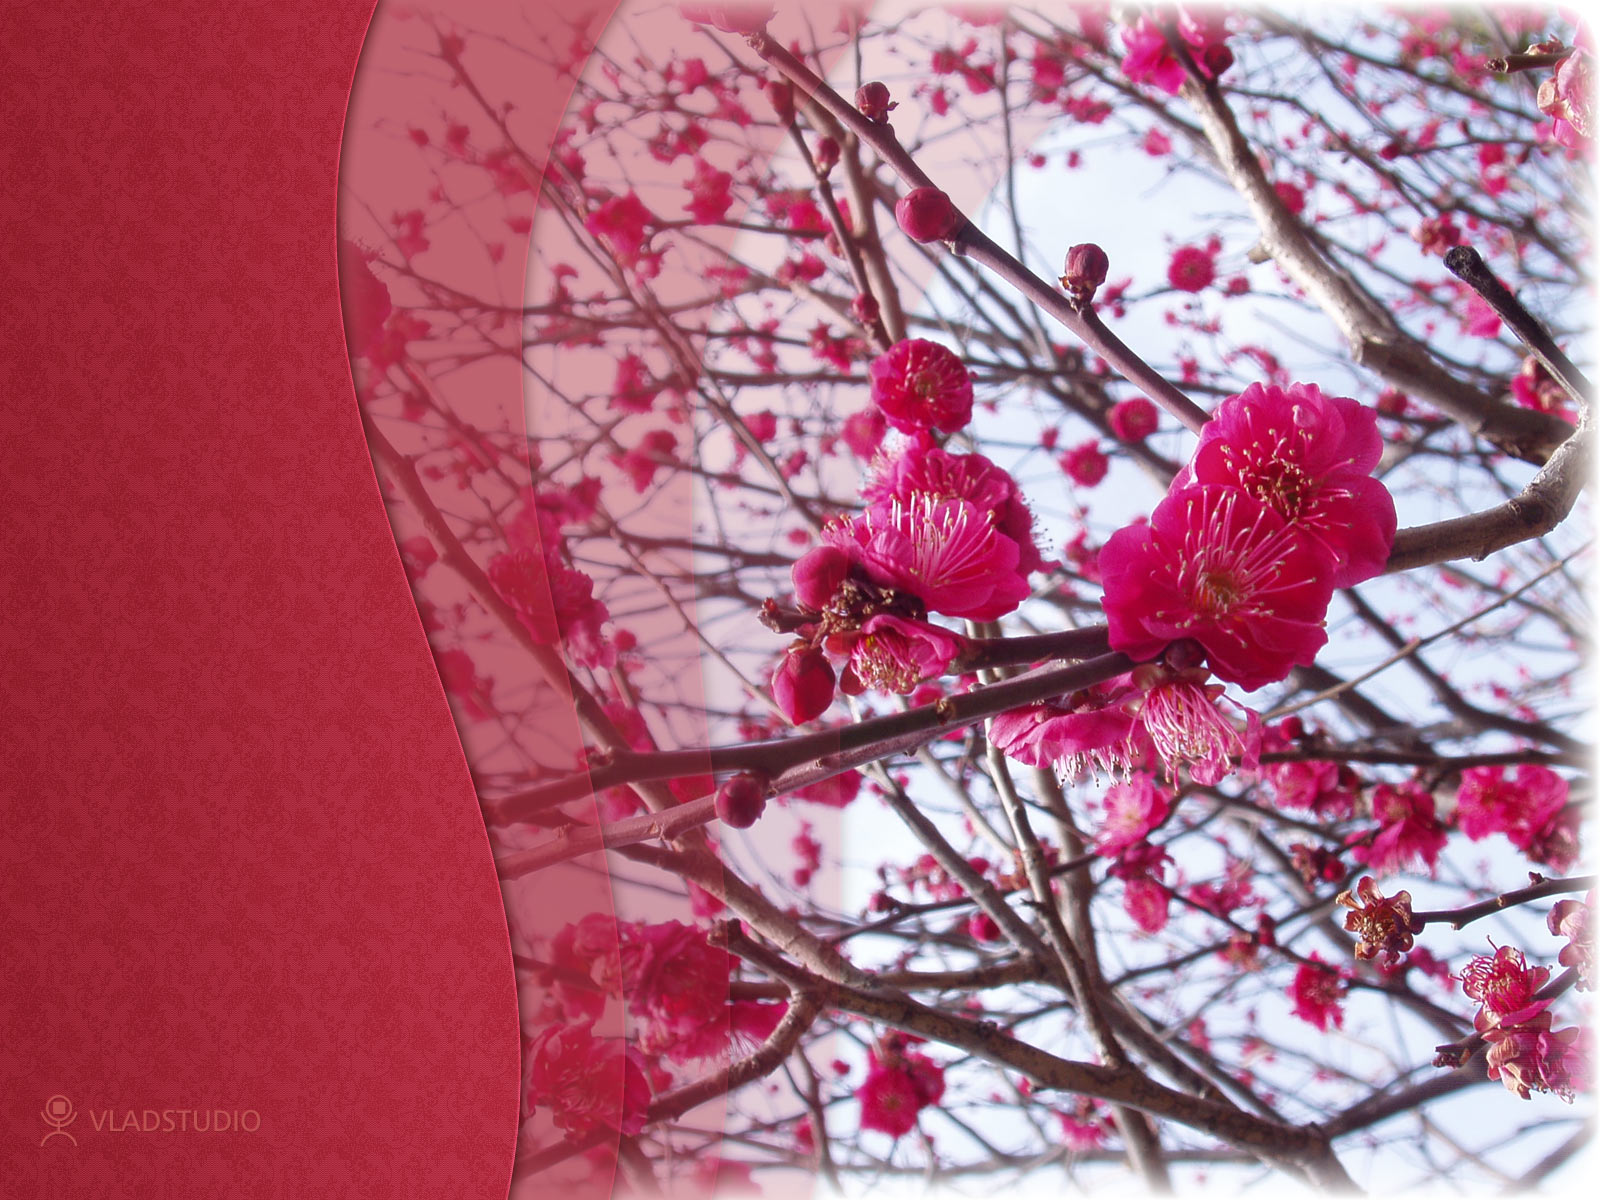 весна, скачать фото, цветы, обои на рабочий стол